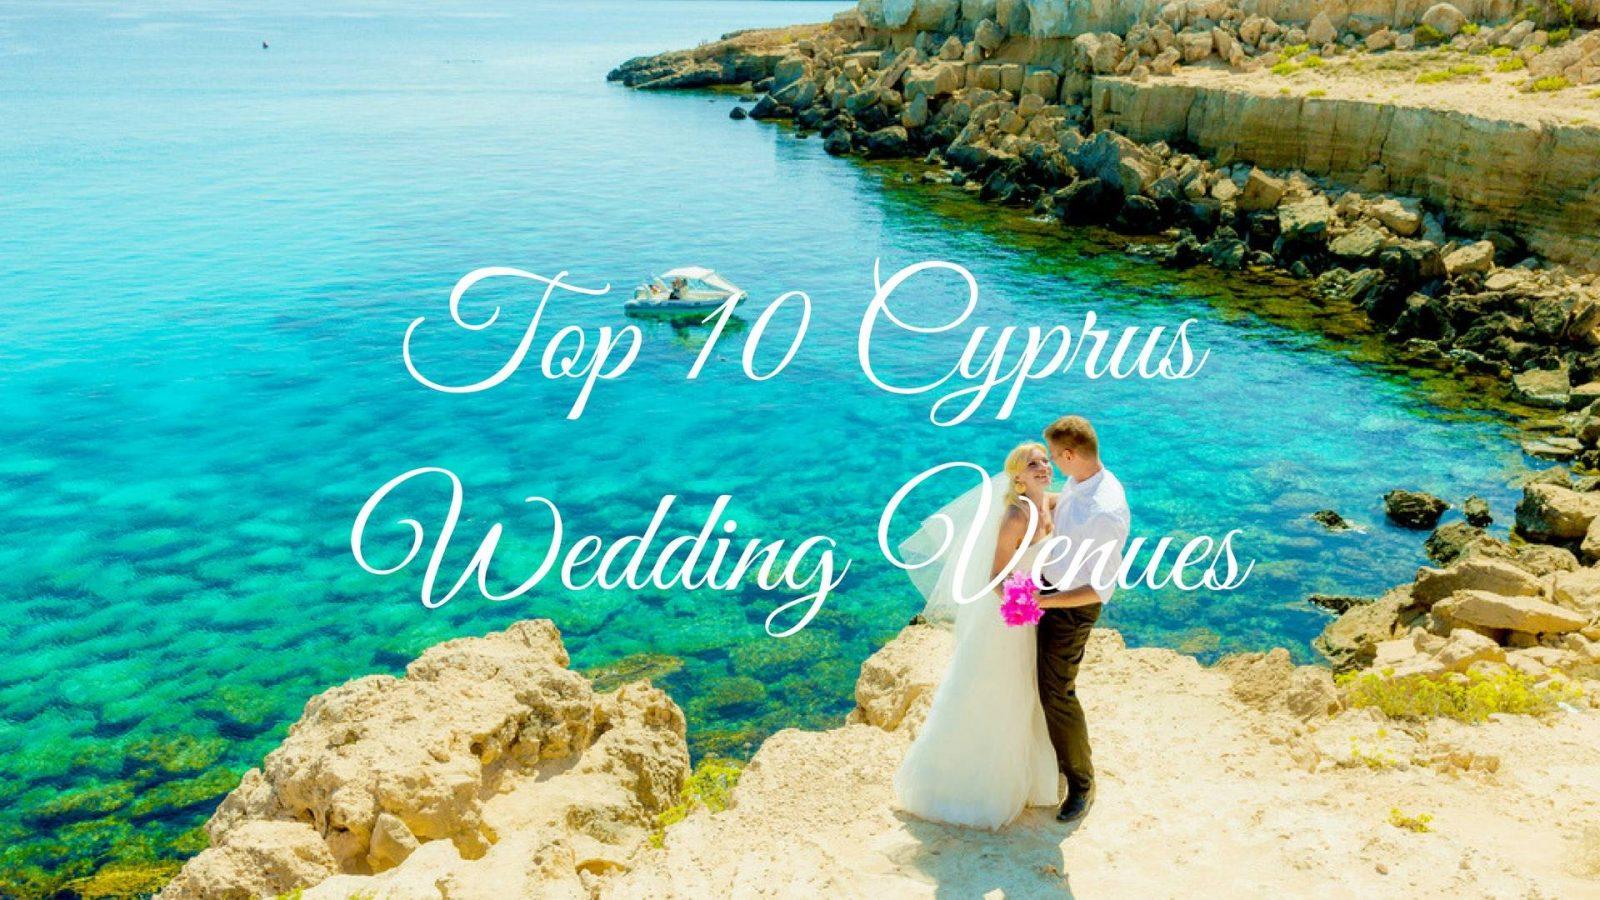 Top 10 Wedding Venues in Cyprus